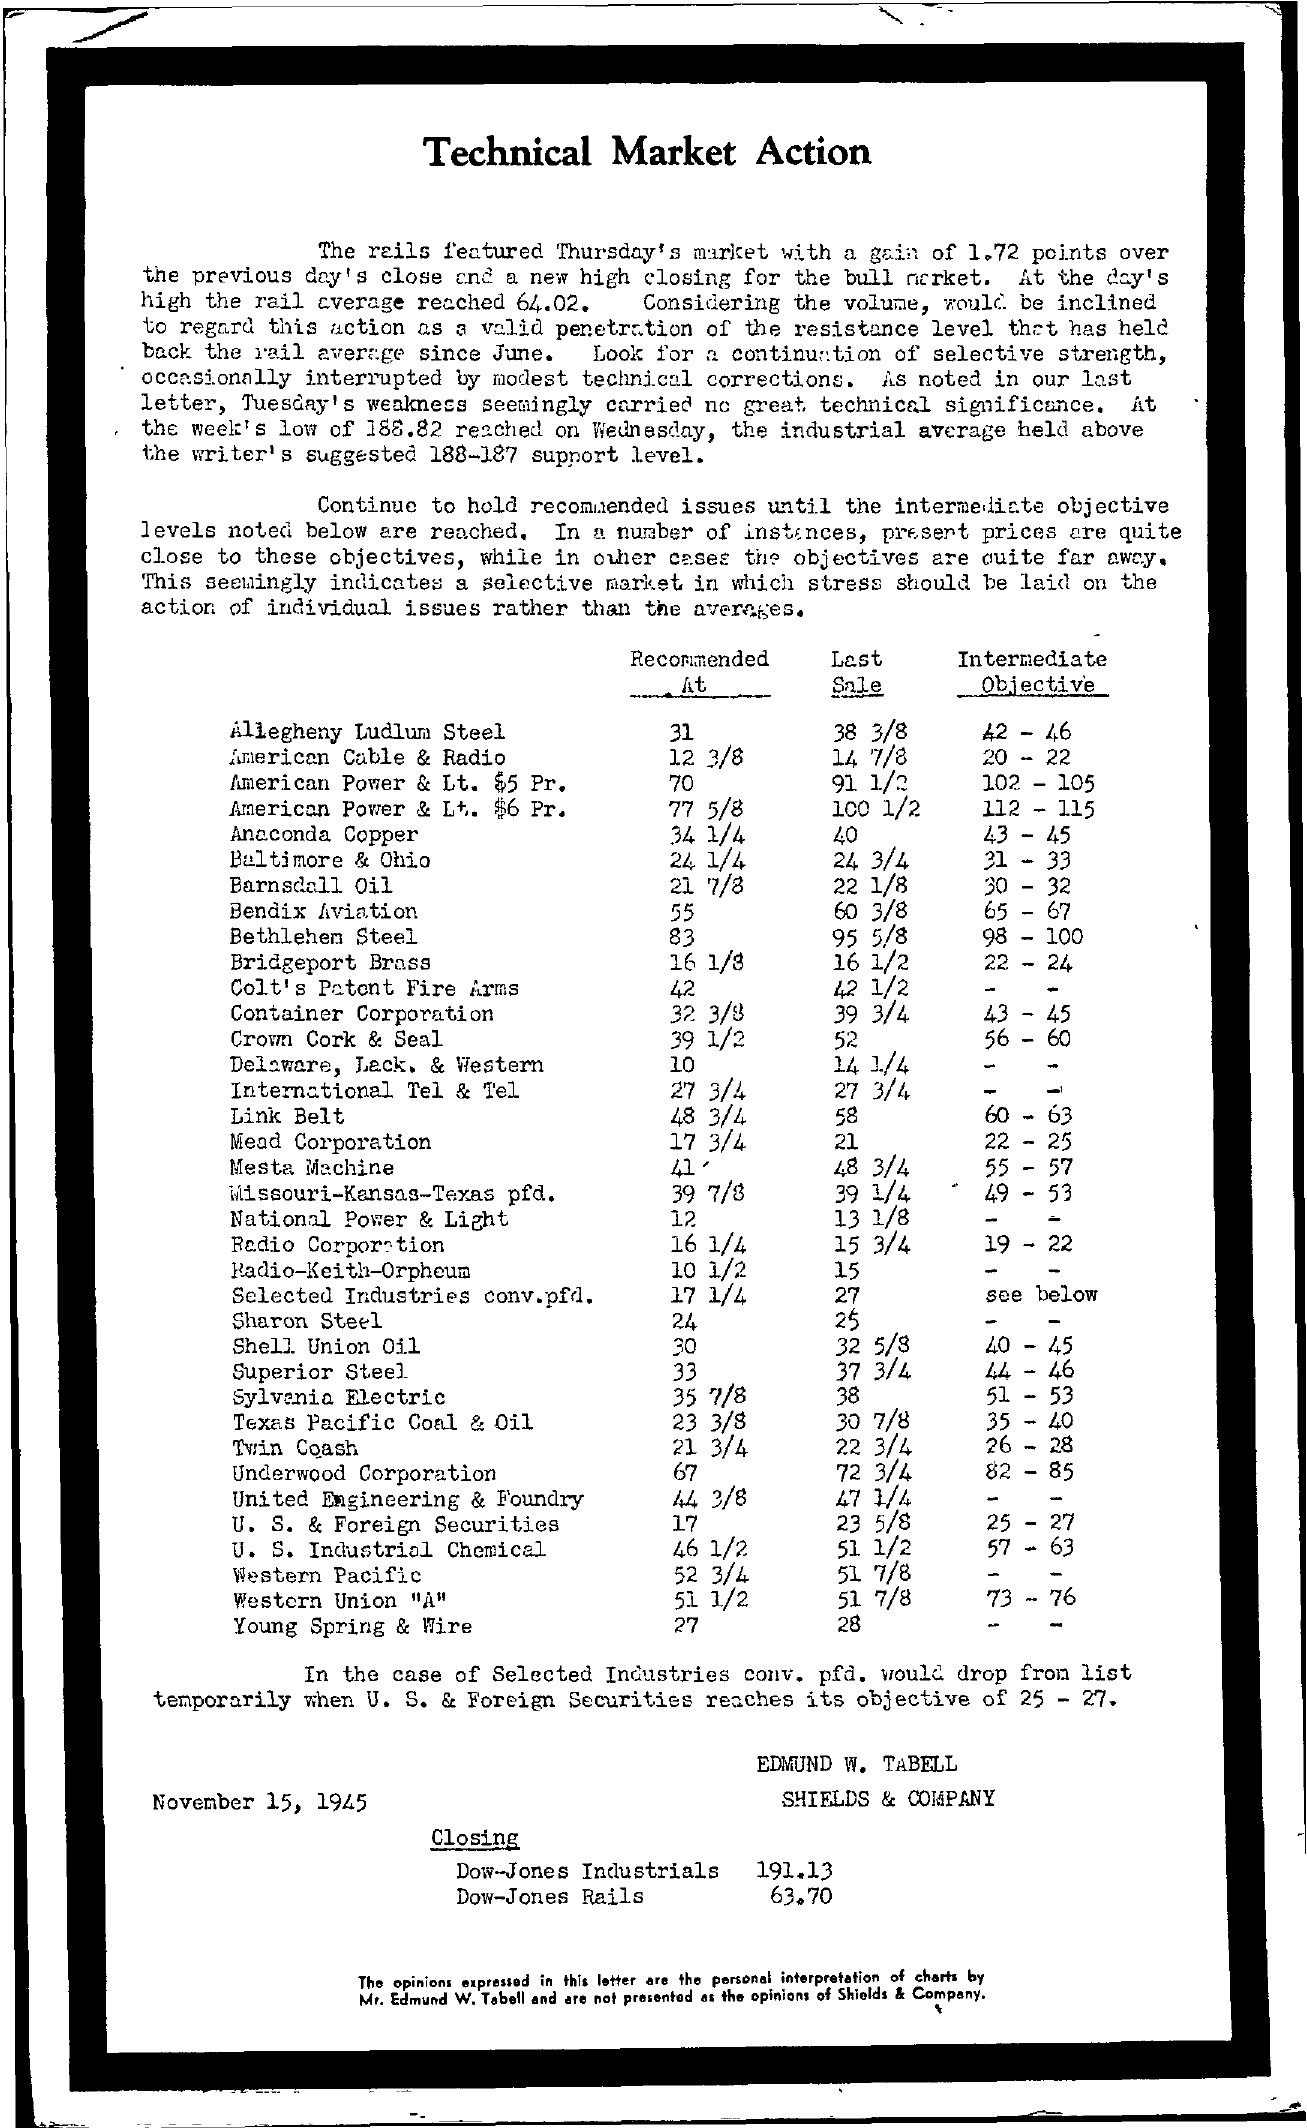 Tabell's Market Letter - November 15, 1945